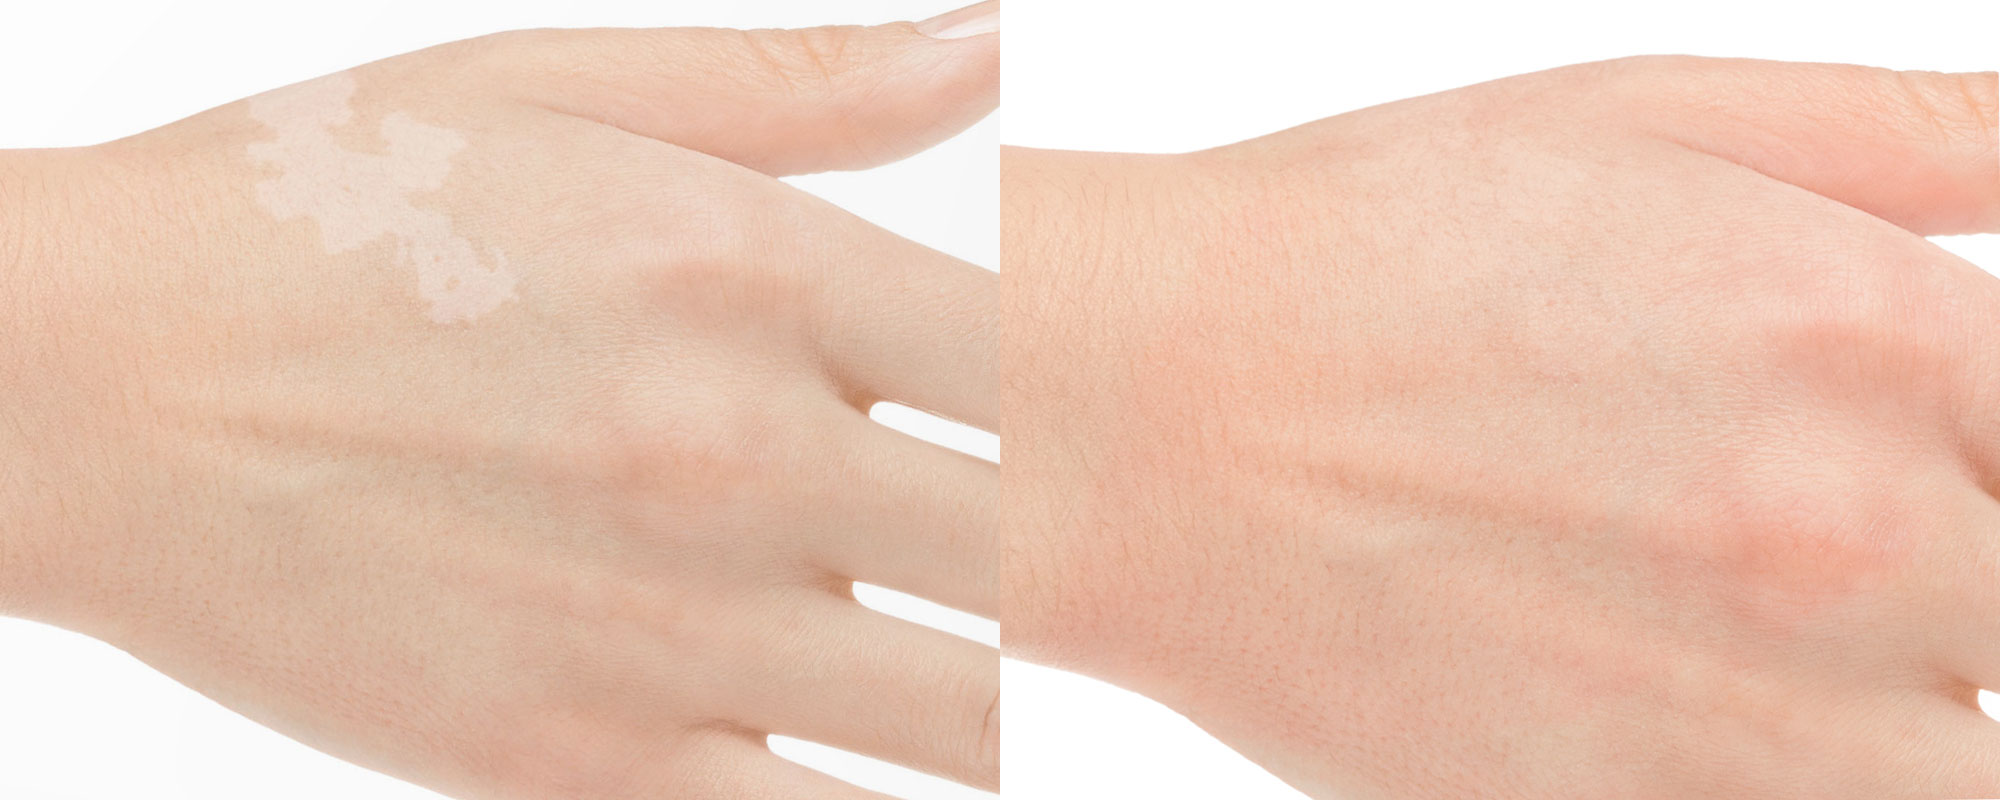 Maquillage réparateur avant après